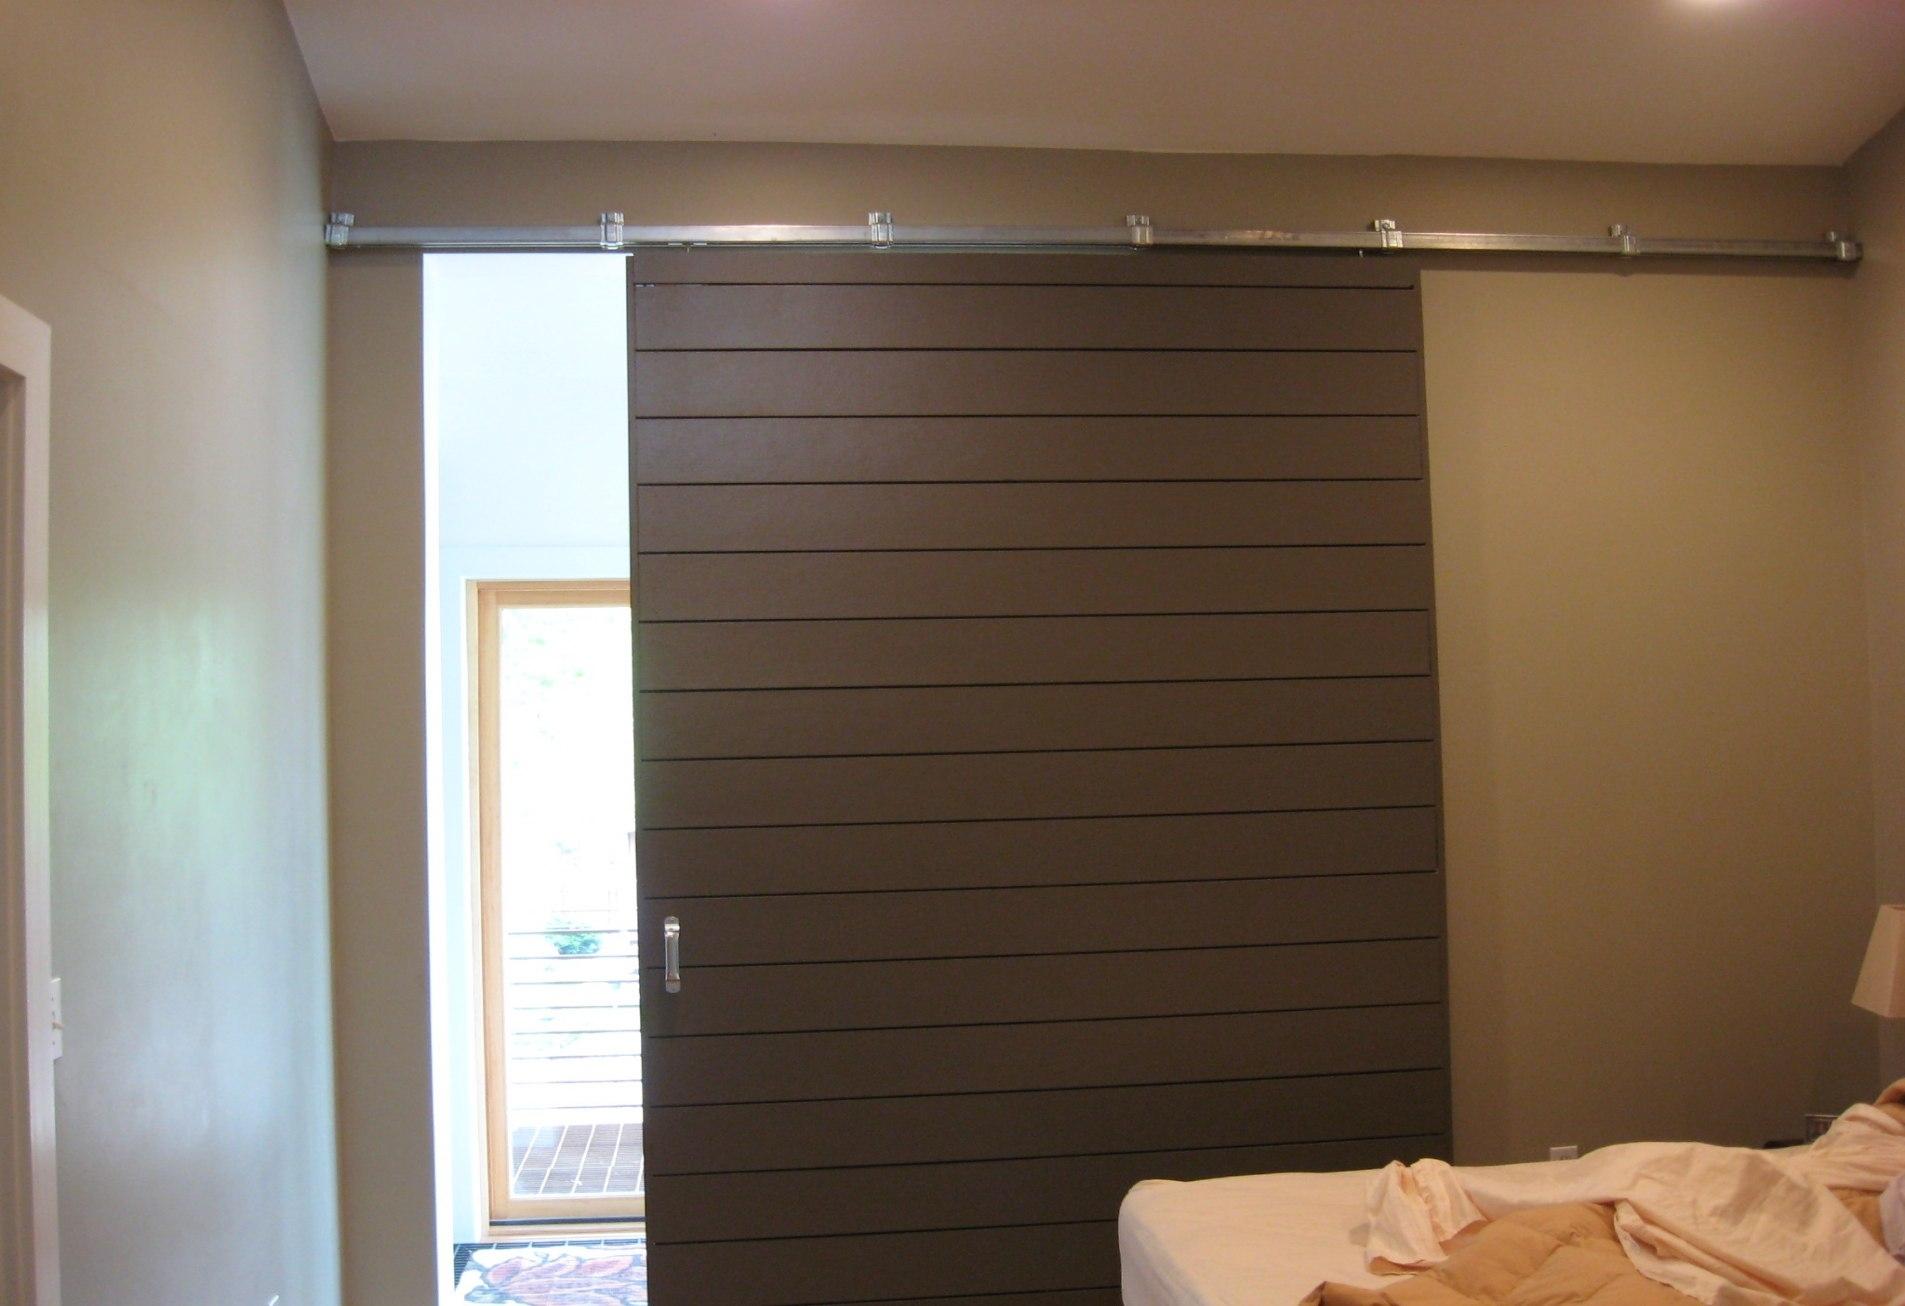 Pemko Door Hardware Amp Pemko Folding 100 Series Steel